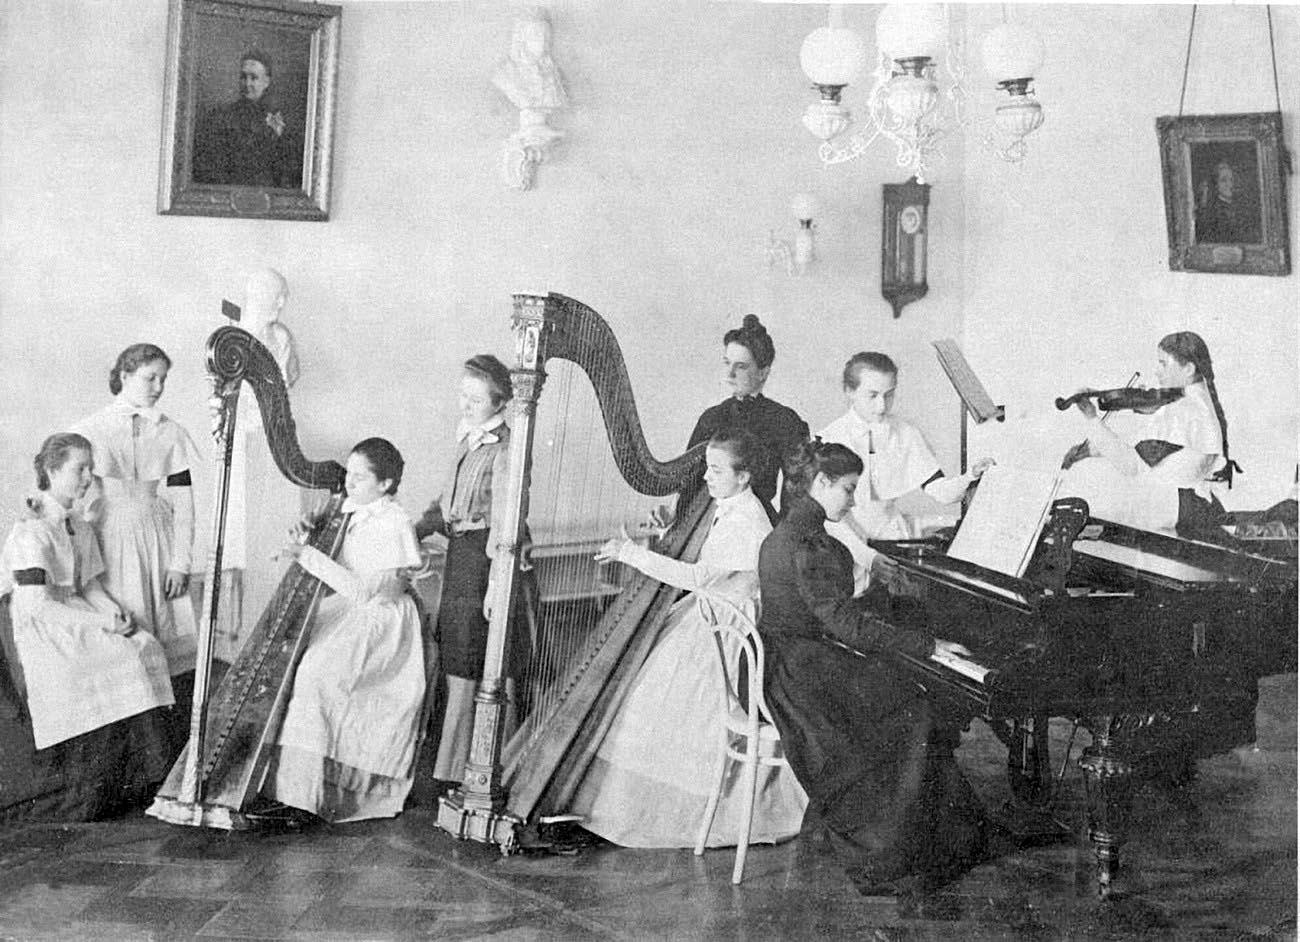 8Урок игры на арфе.Выпускной альбом института 1889 года